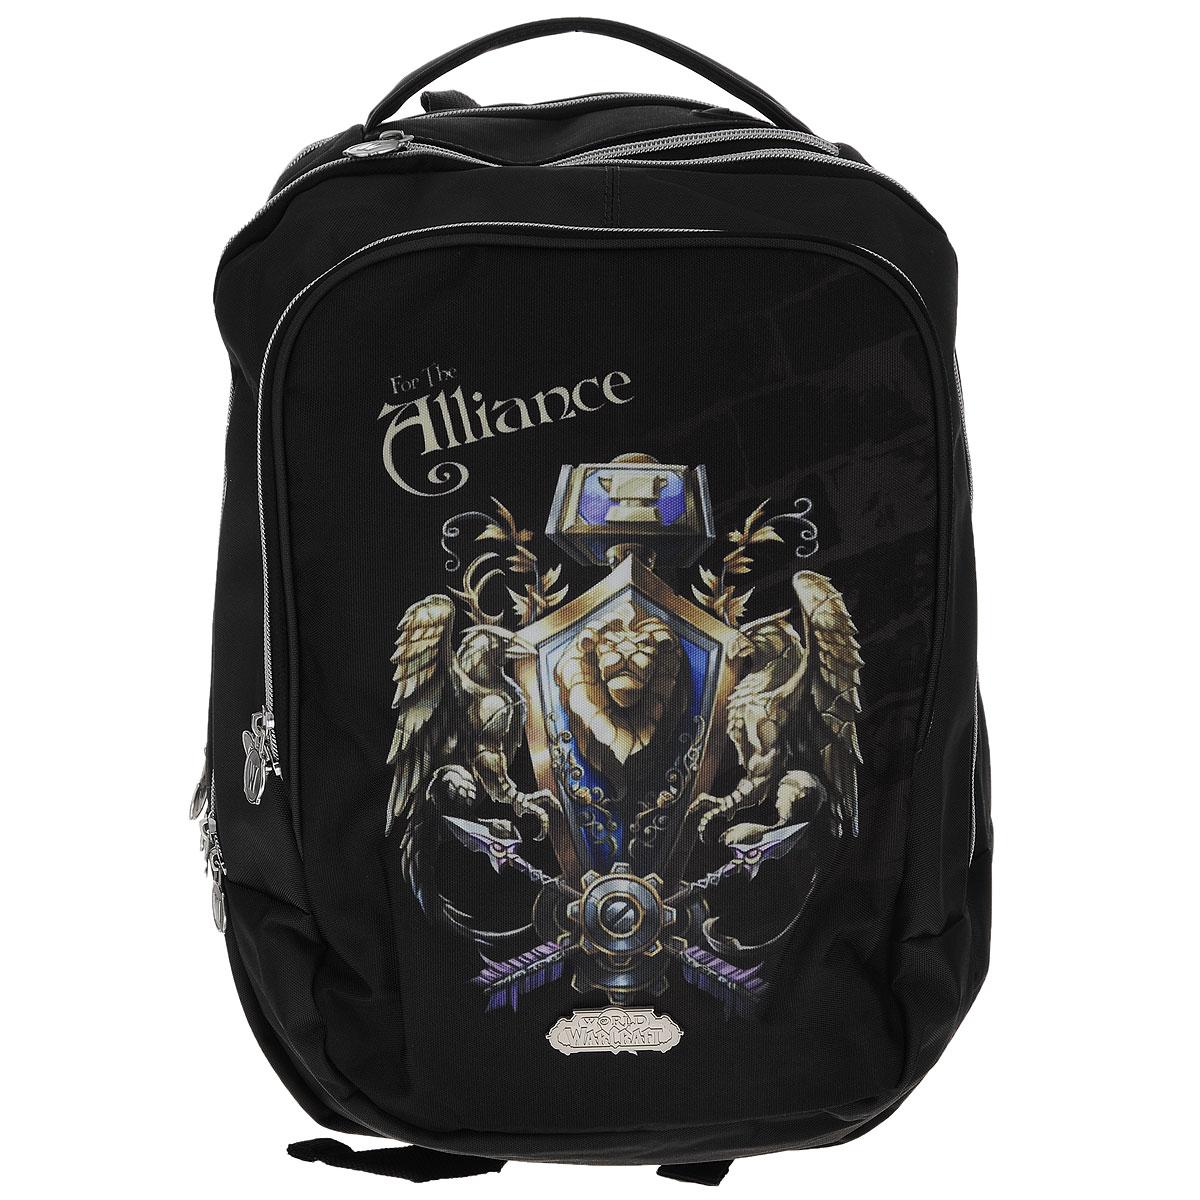 Рюкзак молодежный Proff World of Warcraft, цвет: черный, темно-серый. WC15-BPA-14BP-001 BKРюкзак молодежный Proff WarCraft сочетает в себе современный дизайн, функциональность и долговечность.Он выполнен из водонепроницаемого, морозоустойчивого материла черного и темно-серого цветов. Рюкзак состоит из двух вместительных отделений, закрывающихся на металлические застежки-молнии с двумя бегунками. Внутри отделения ближе к спине находится мягкий карман, закрывающийся хлястиком на липучке, который можно использовать для гаджетов, а также имеется открытый карман. Лицевая сторона рюкзака оснащена накладным карманом на молнии, внутри которого имеются три кармашка для пишущих принадлежностей, два открытых кармашка для мелких предметов и брелок для ключей. Рюкзак оснащен удобной эргономичной ручкой для переноски в руке. Под ручкой расположен специальный карман для плеера с выводом для наушников. Конструкция спинки дополнена двумя эргономичными подушечками, противоскользящей сеточкой и системой вентиляции для предотвращения запотевания спины ребенка. Мягкие широкие лямки позволяют легко и быстро отрегулировать рюкзак в соответствии с ростом.Этот рюкзак можно использовать для школьников, повседневных прогулок, отдыха и спорта, а также как элемент вашего имиджа.Рекомендуемый возраст: от 7 лет.